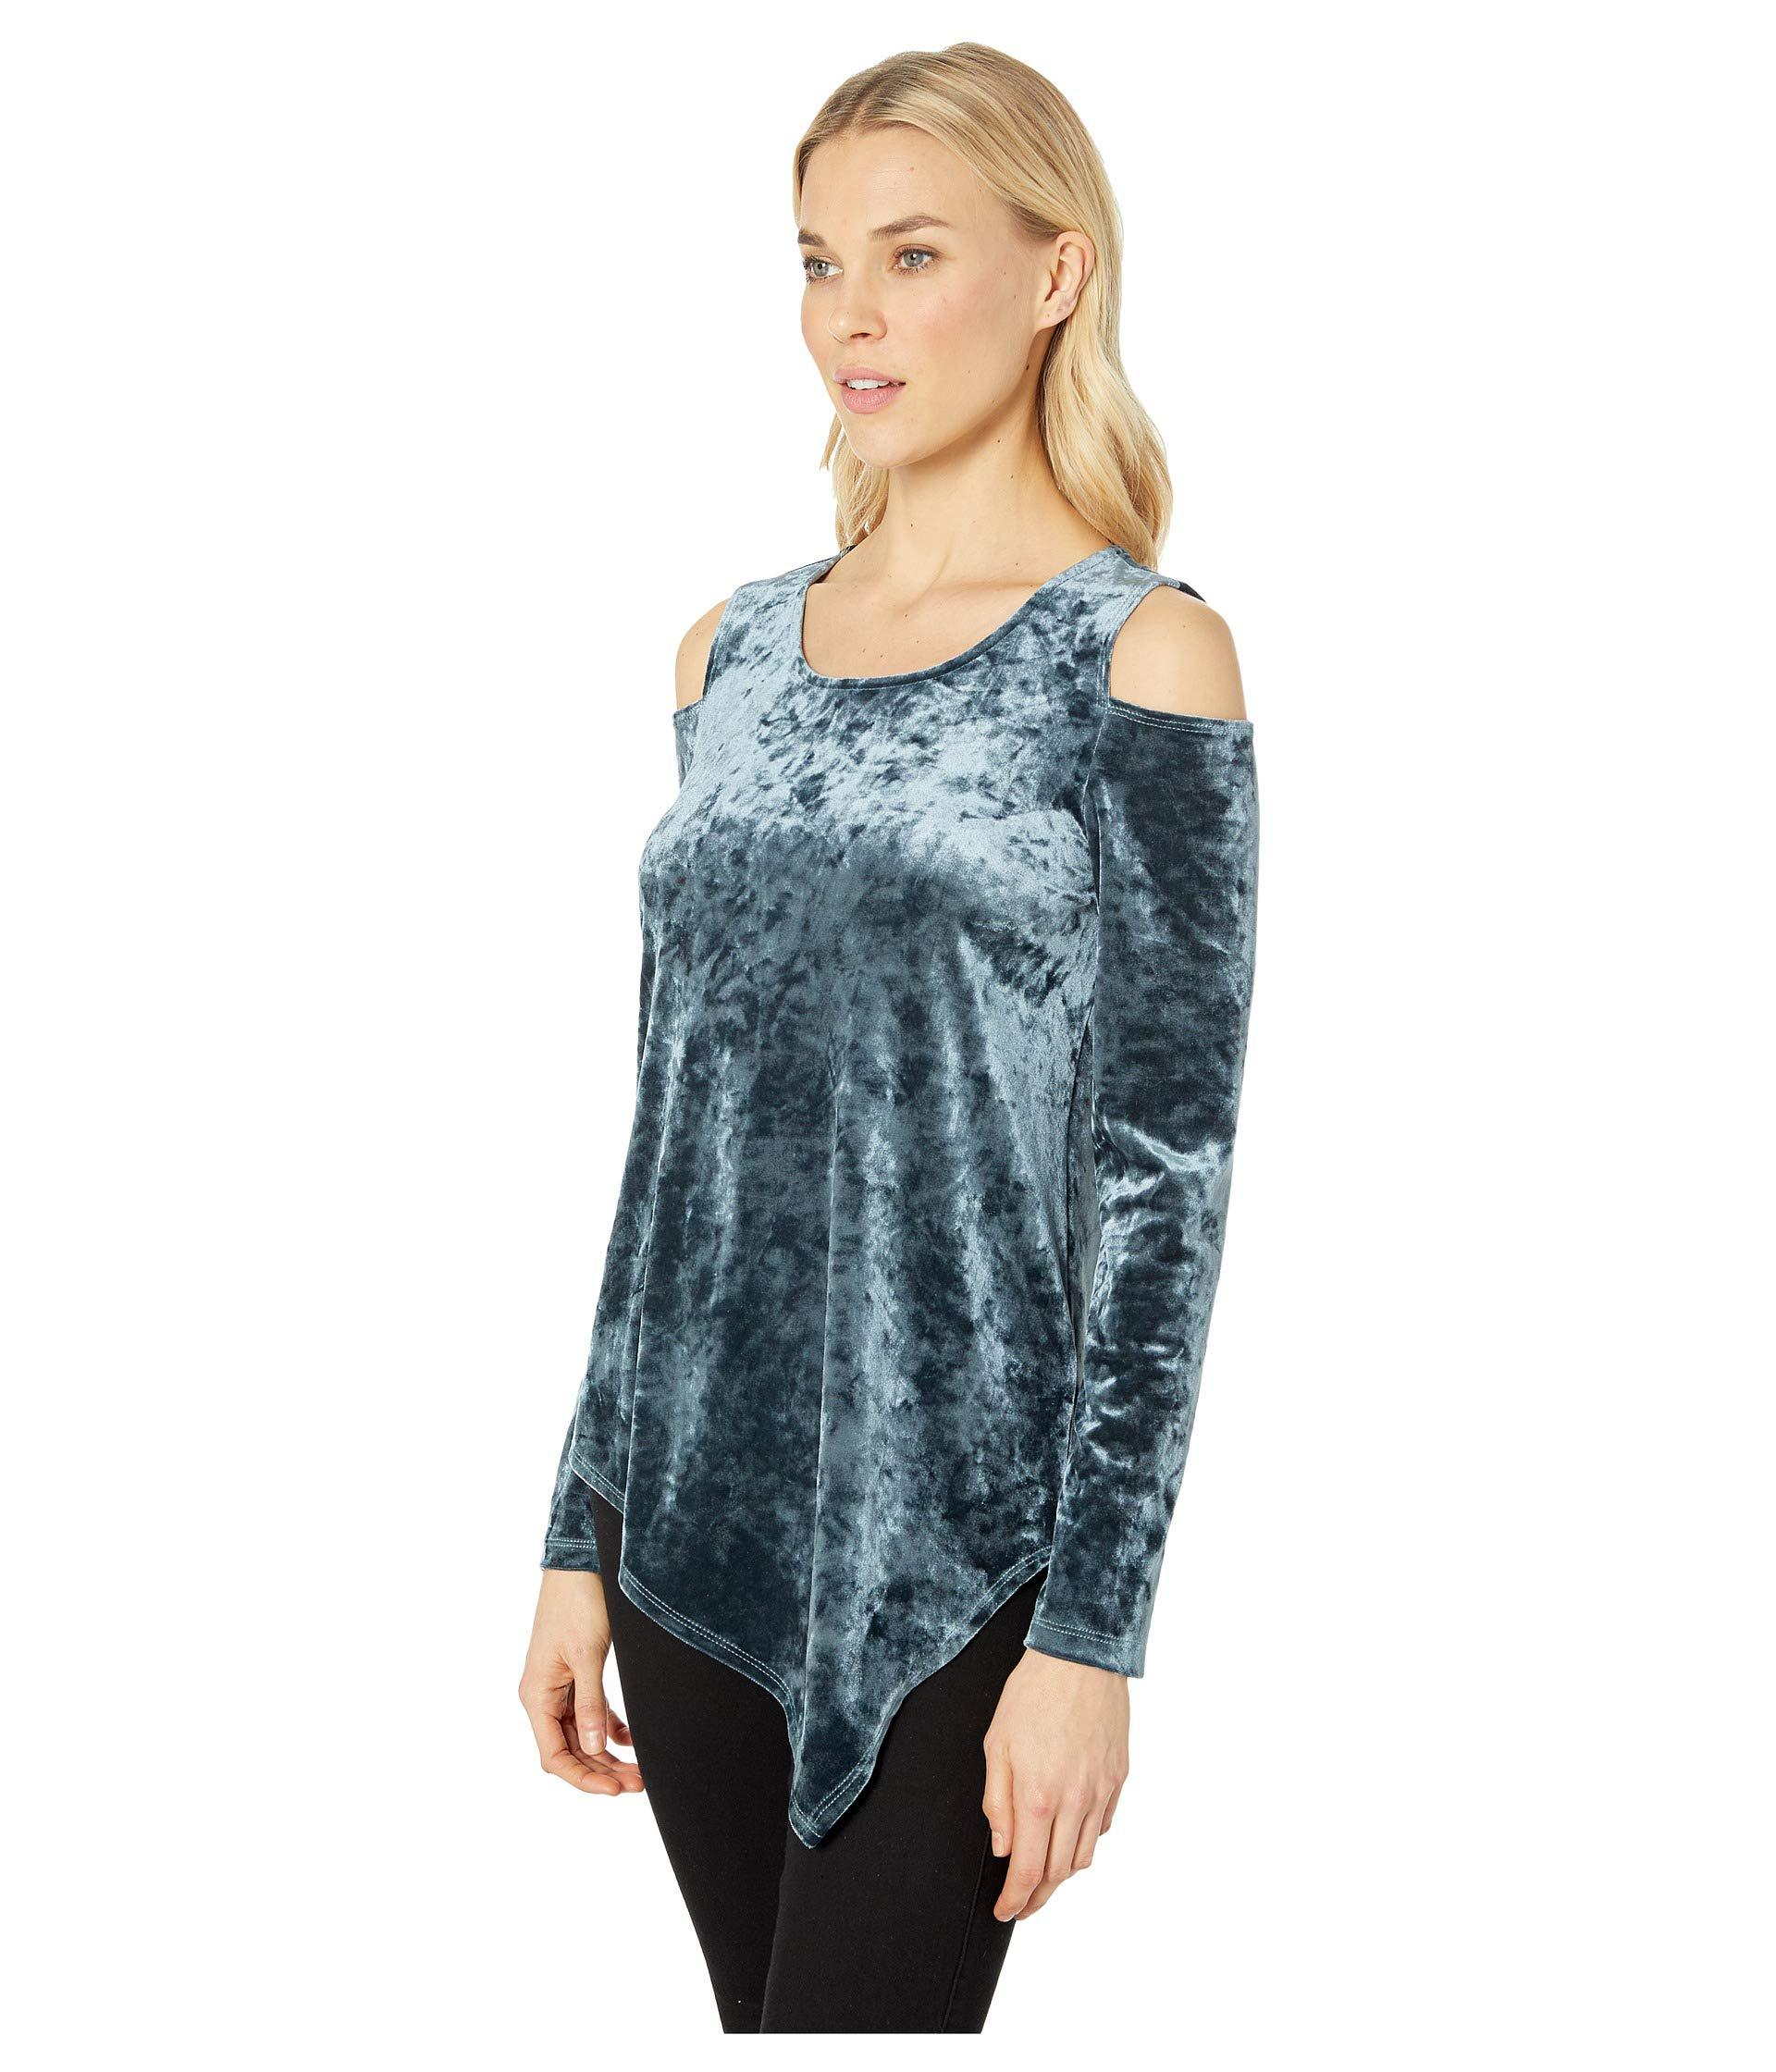 34c82c66e46 Lyst - Karen Kane Crush Velvet Cold Shoulder Top (jade) Women s Clothing in  Blue